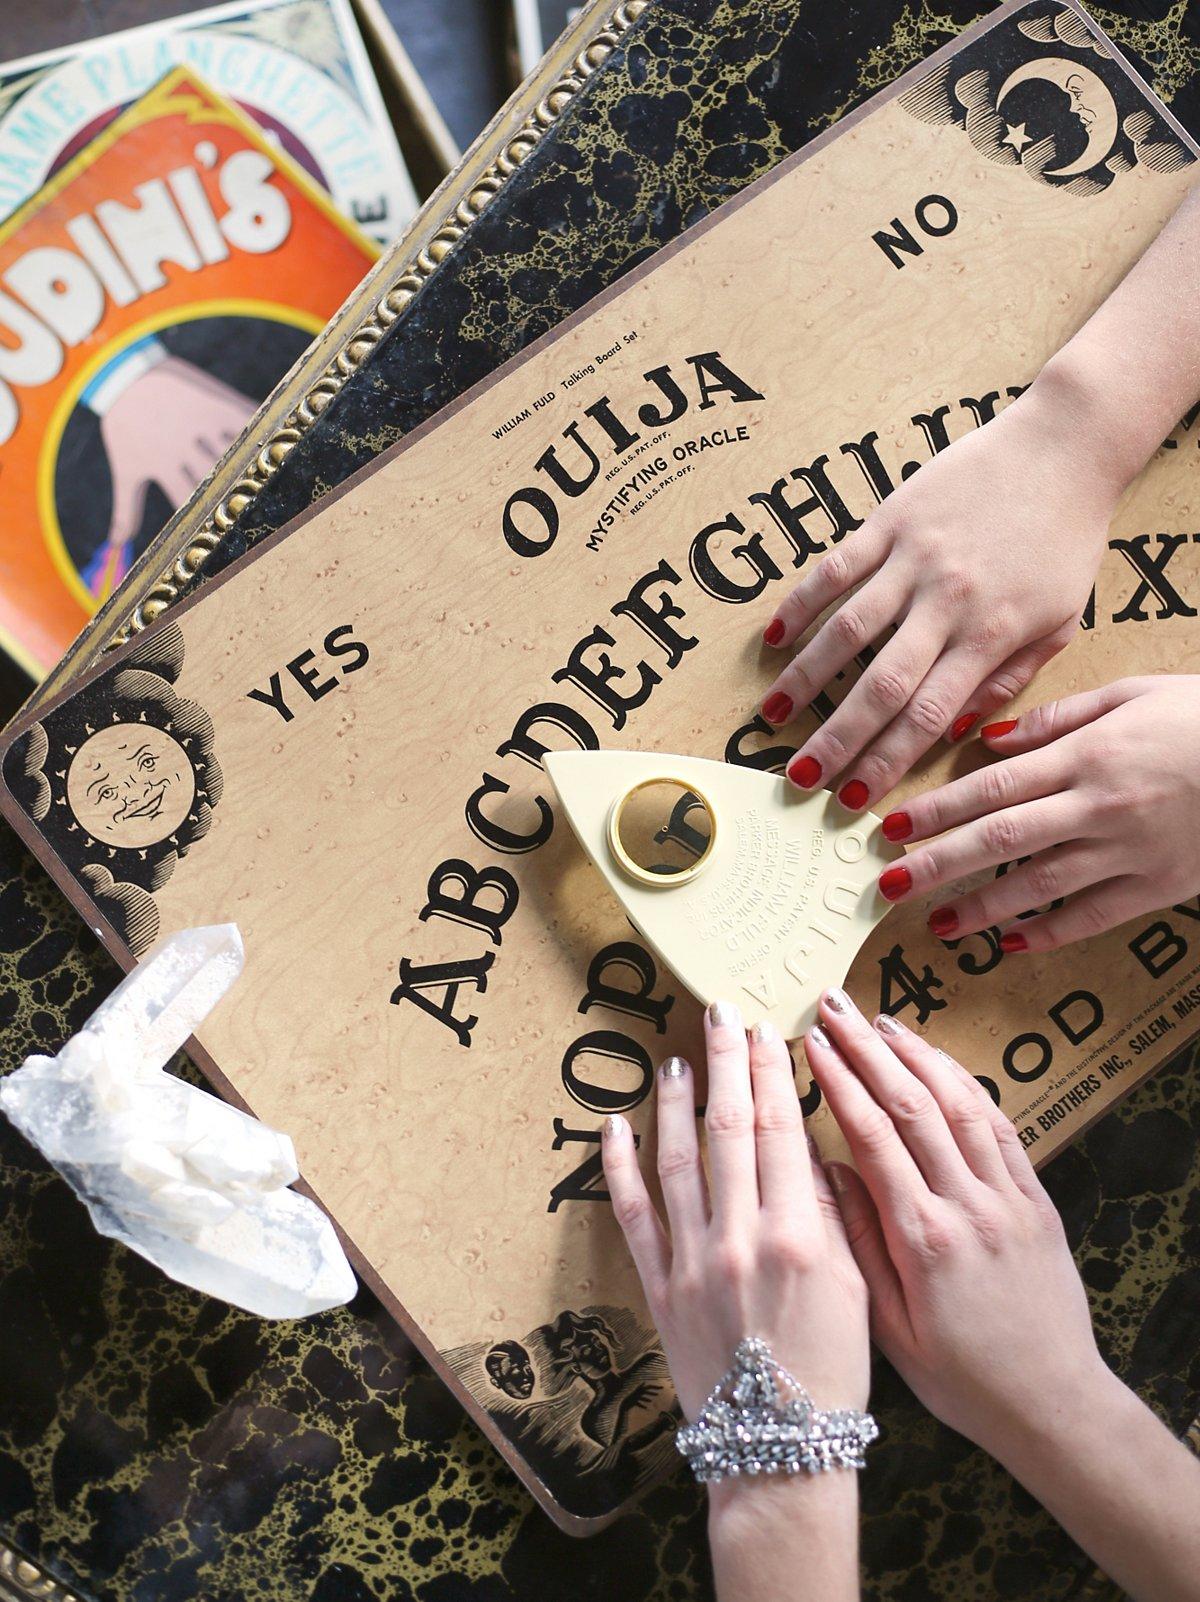 Vintage Ouija Game